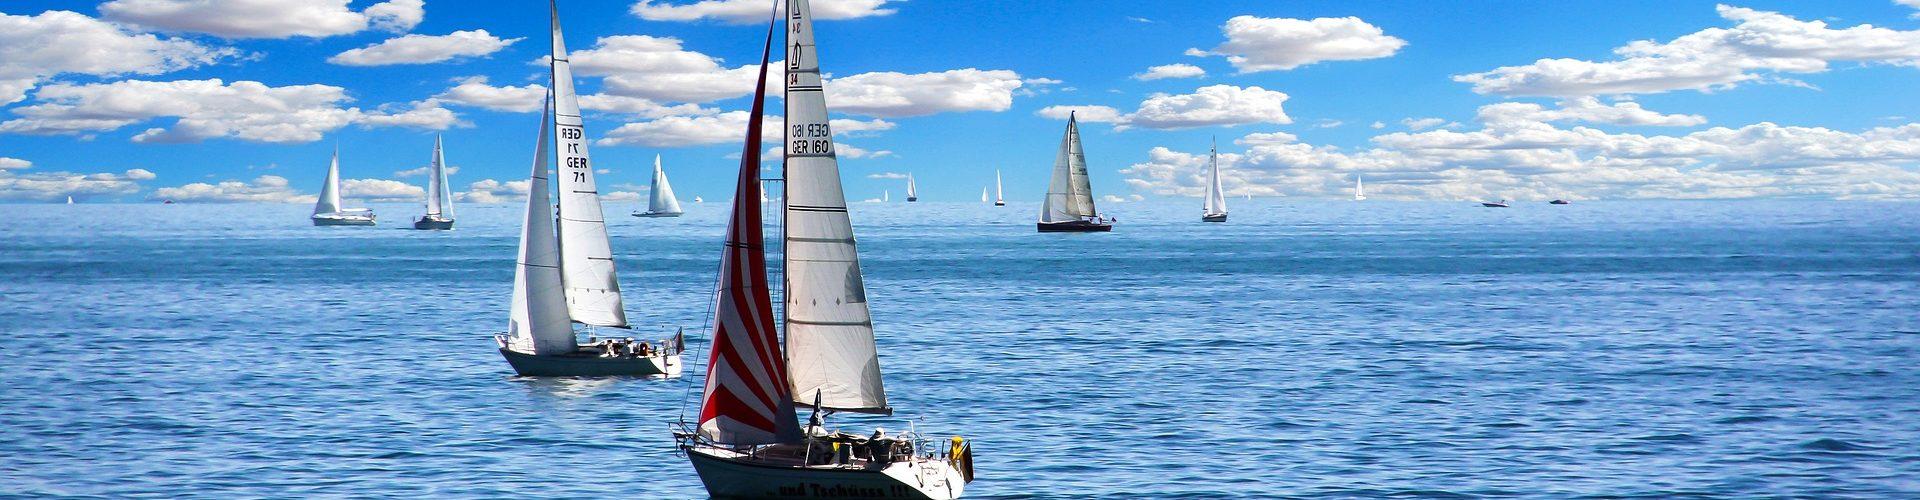 segeln lernen in Tutzing segelschein machen in Tutzing 1920x500 - Segeln lernen in Tutzing